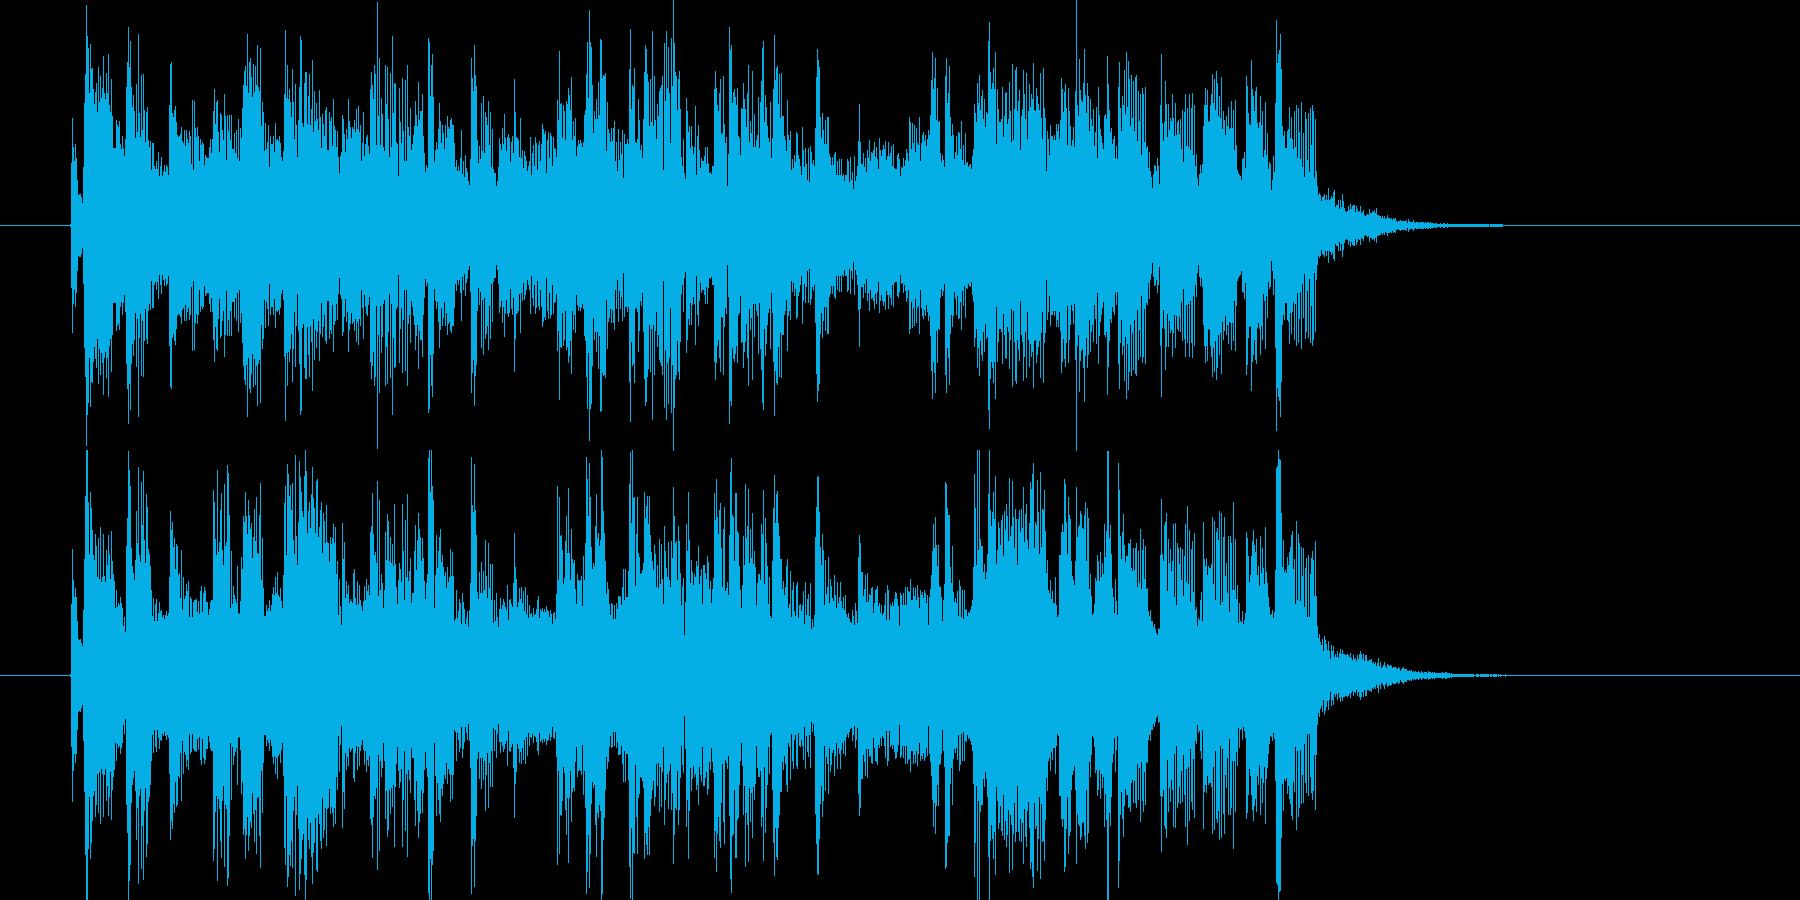 清涼感のあるポップソングの再生済みの波形